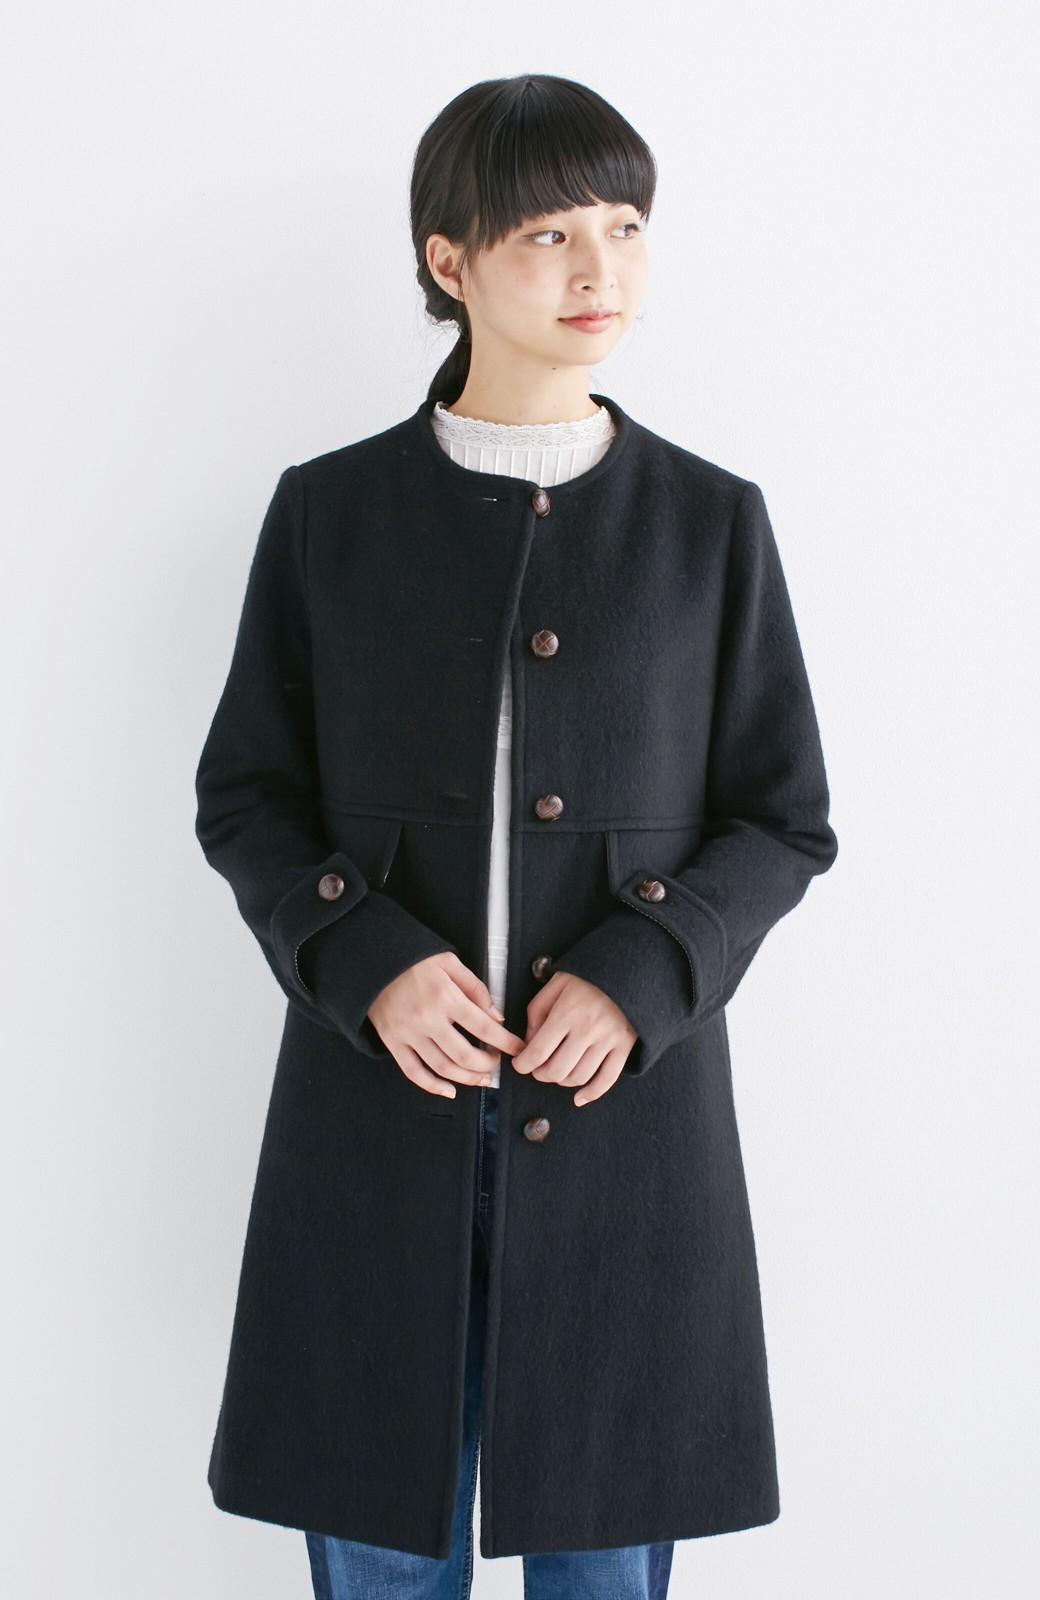 エムトロワ MADE IN JAPAN生地を使用したノーカラーコート <ブラック>の商品写真1